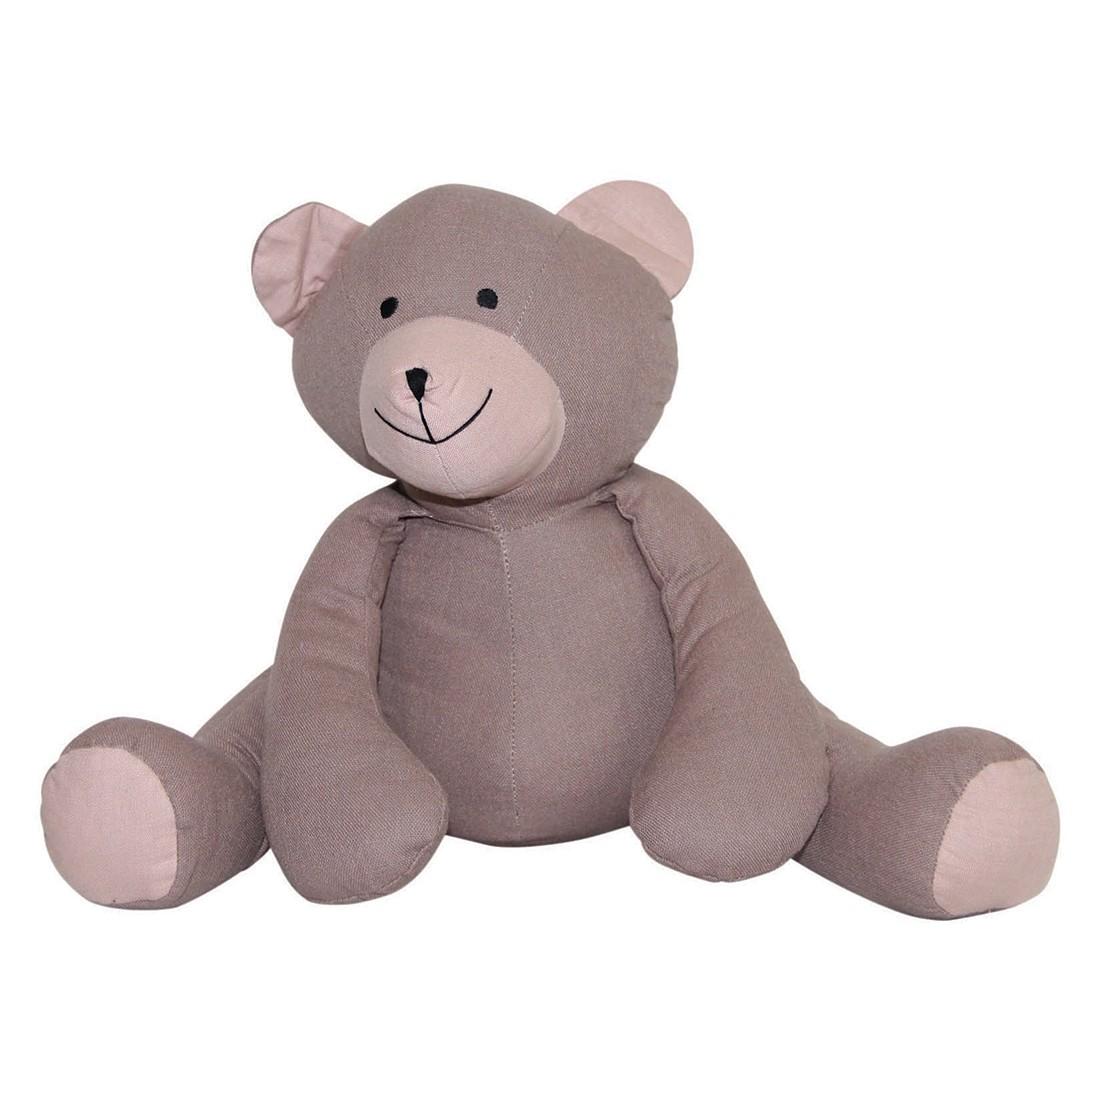 Home 24 - Arrête-porte teddy, my flair